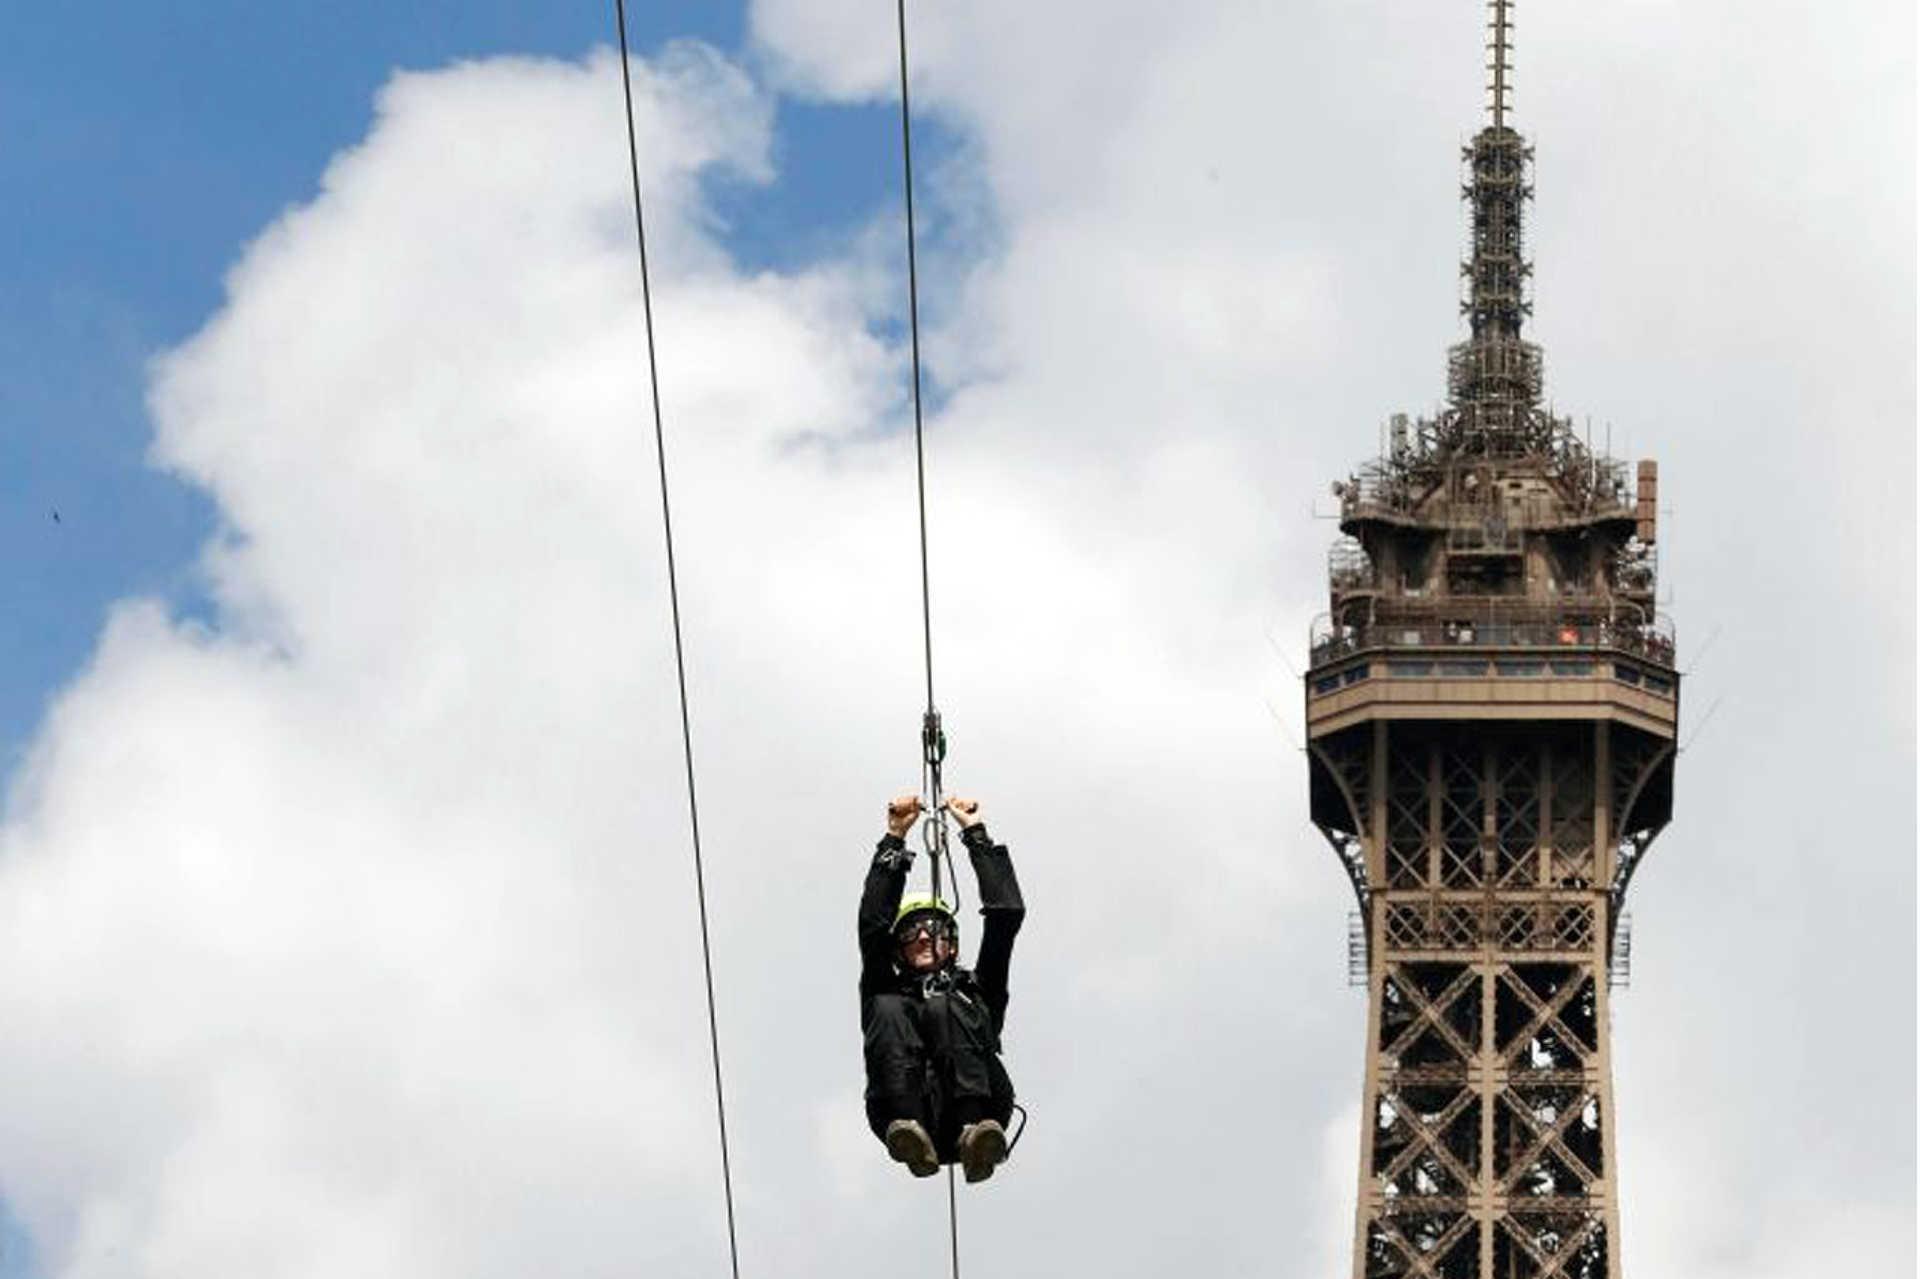 sebesség társkereső eredeti Párizsban